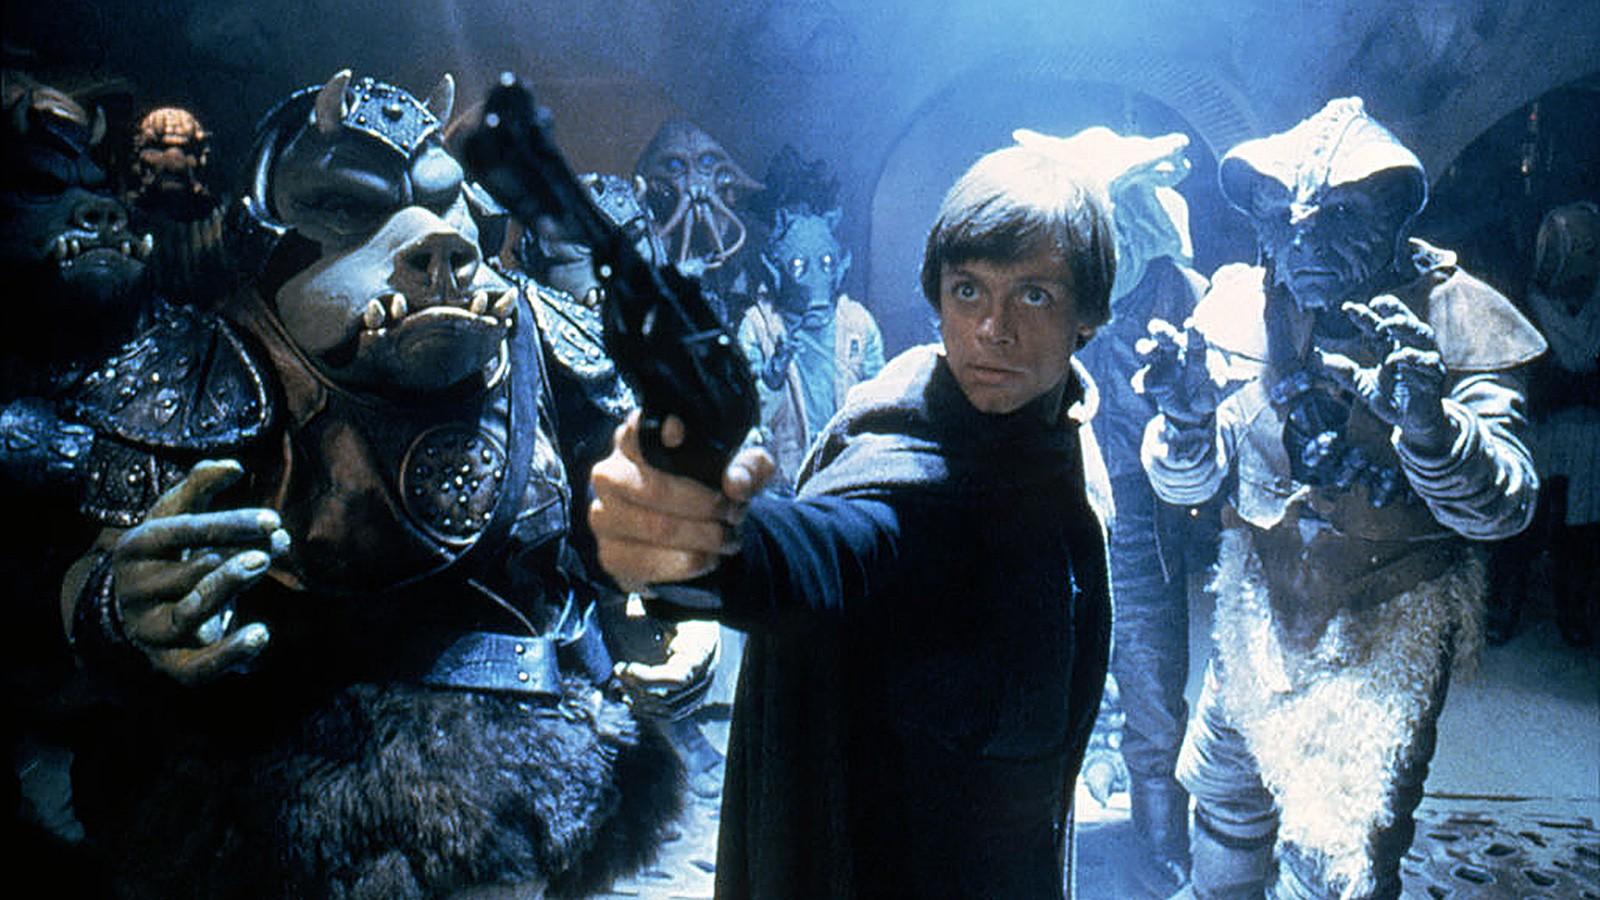 Luke Skywalker in Star Wars: Episode VI